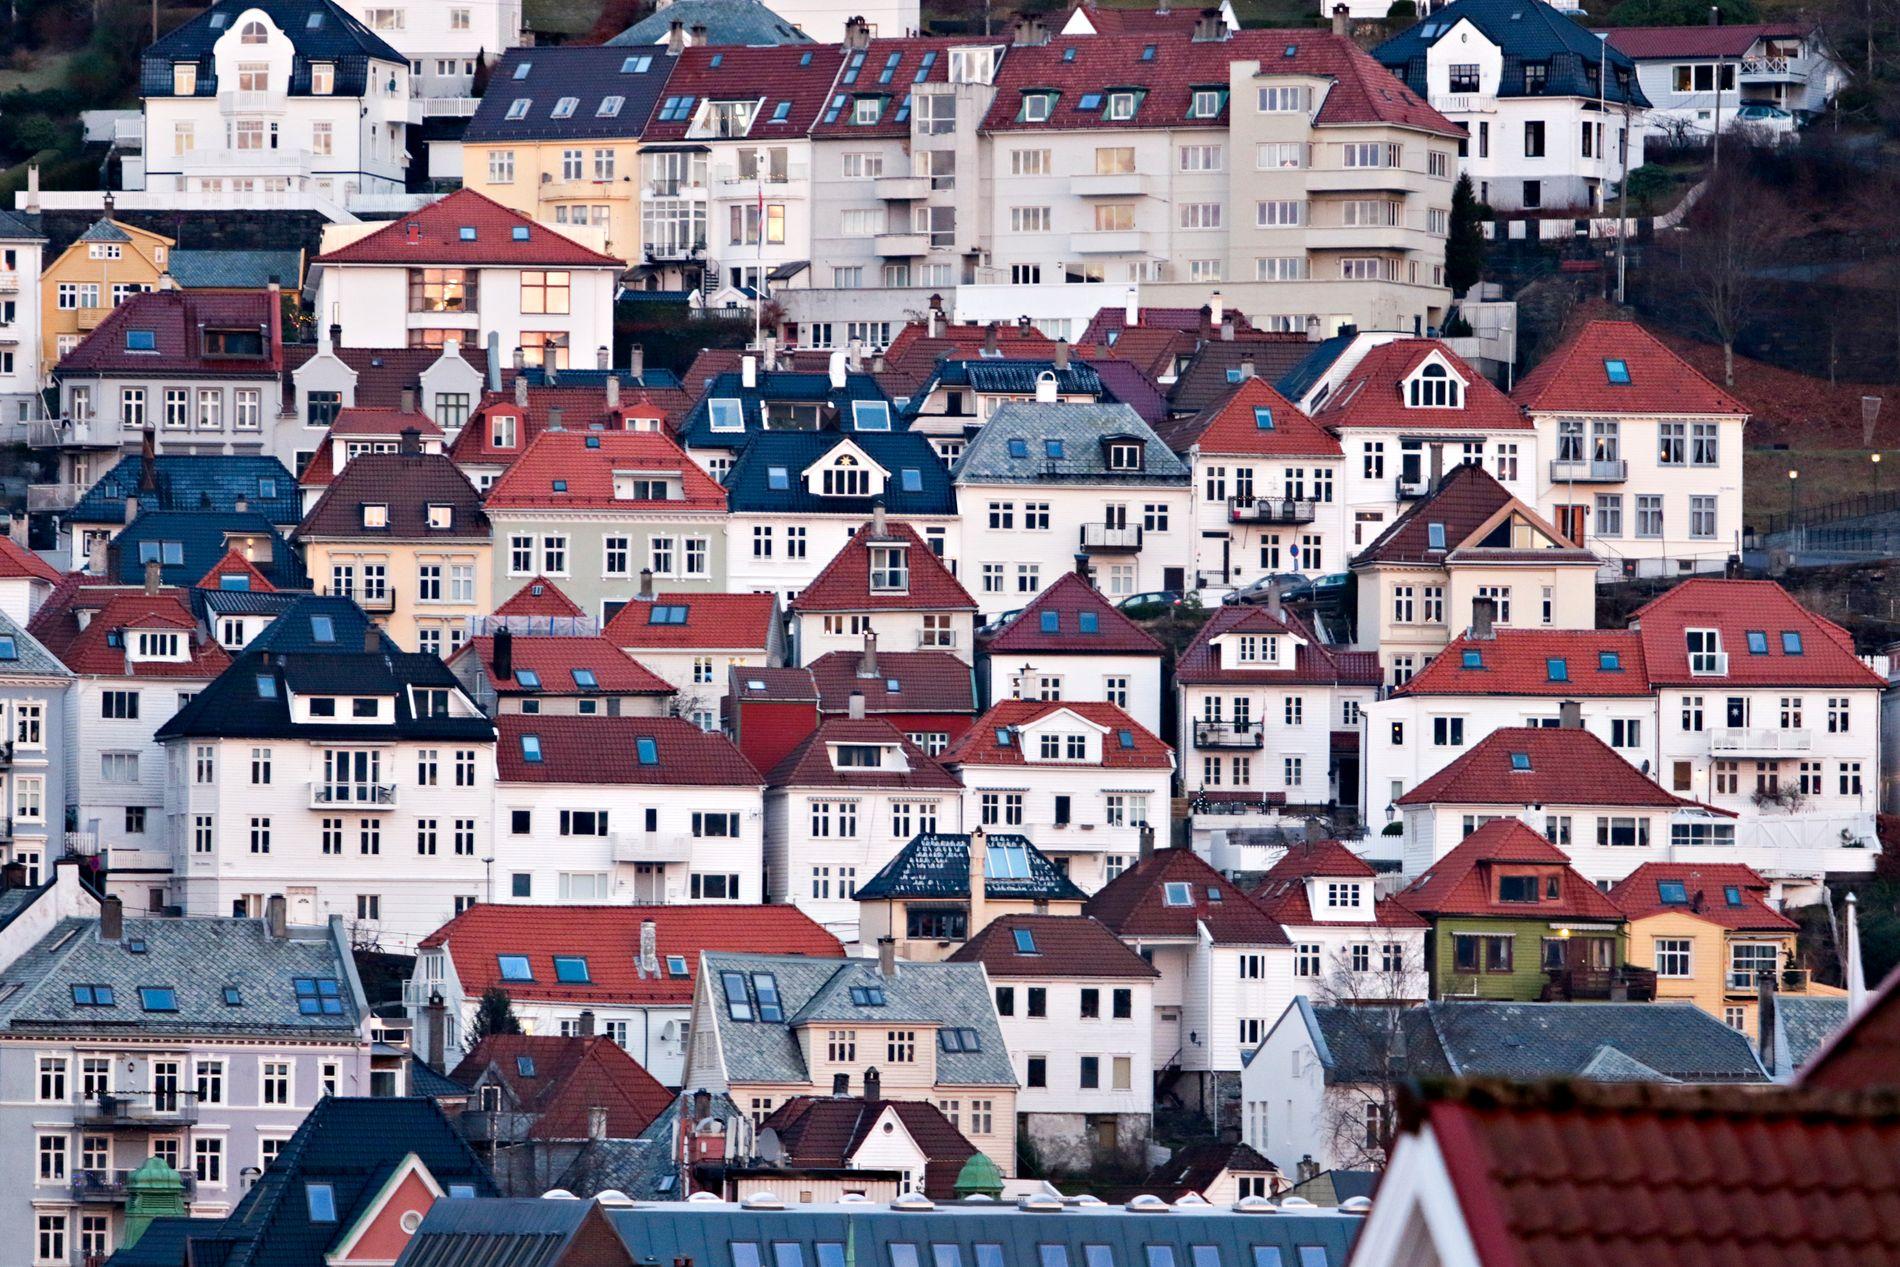 VIL BO SENTRALT: Vestlandets hovedstad lekker i alle retninger. Strømmen av flyttelass er ikke drevet av drømmen om plen og rekkehus. Den skyldes trolig i vel så stor grad at det bygges for få og for dyre boliger i Bergen, skriver innsenderne.